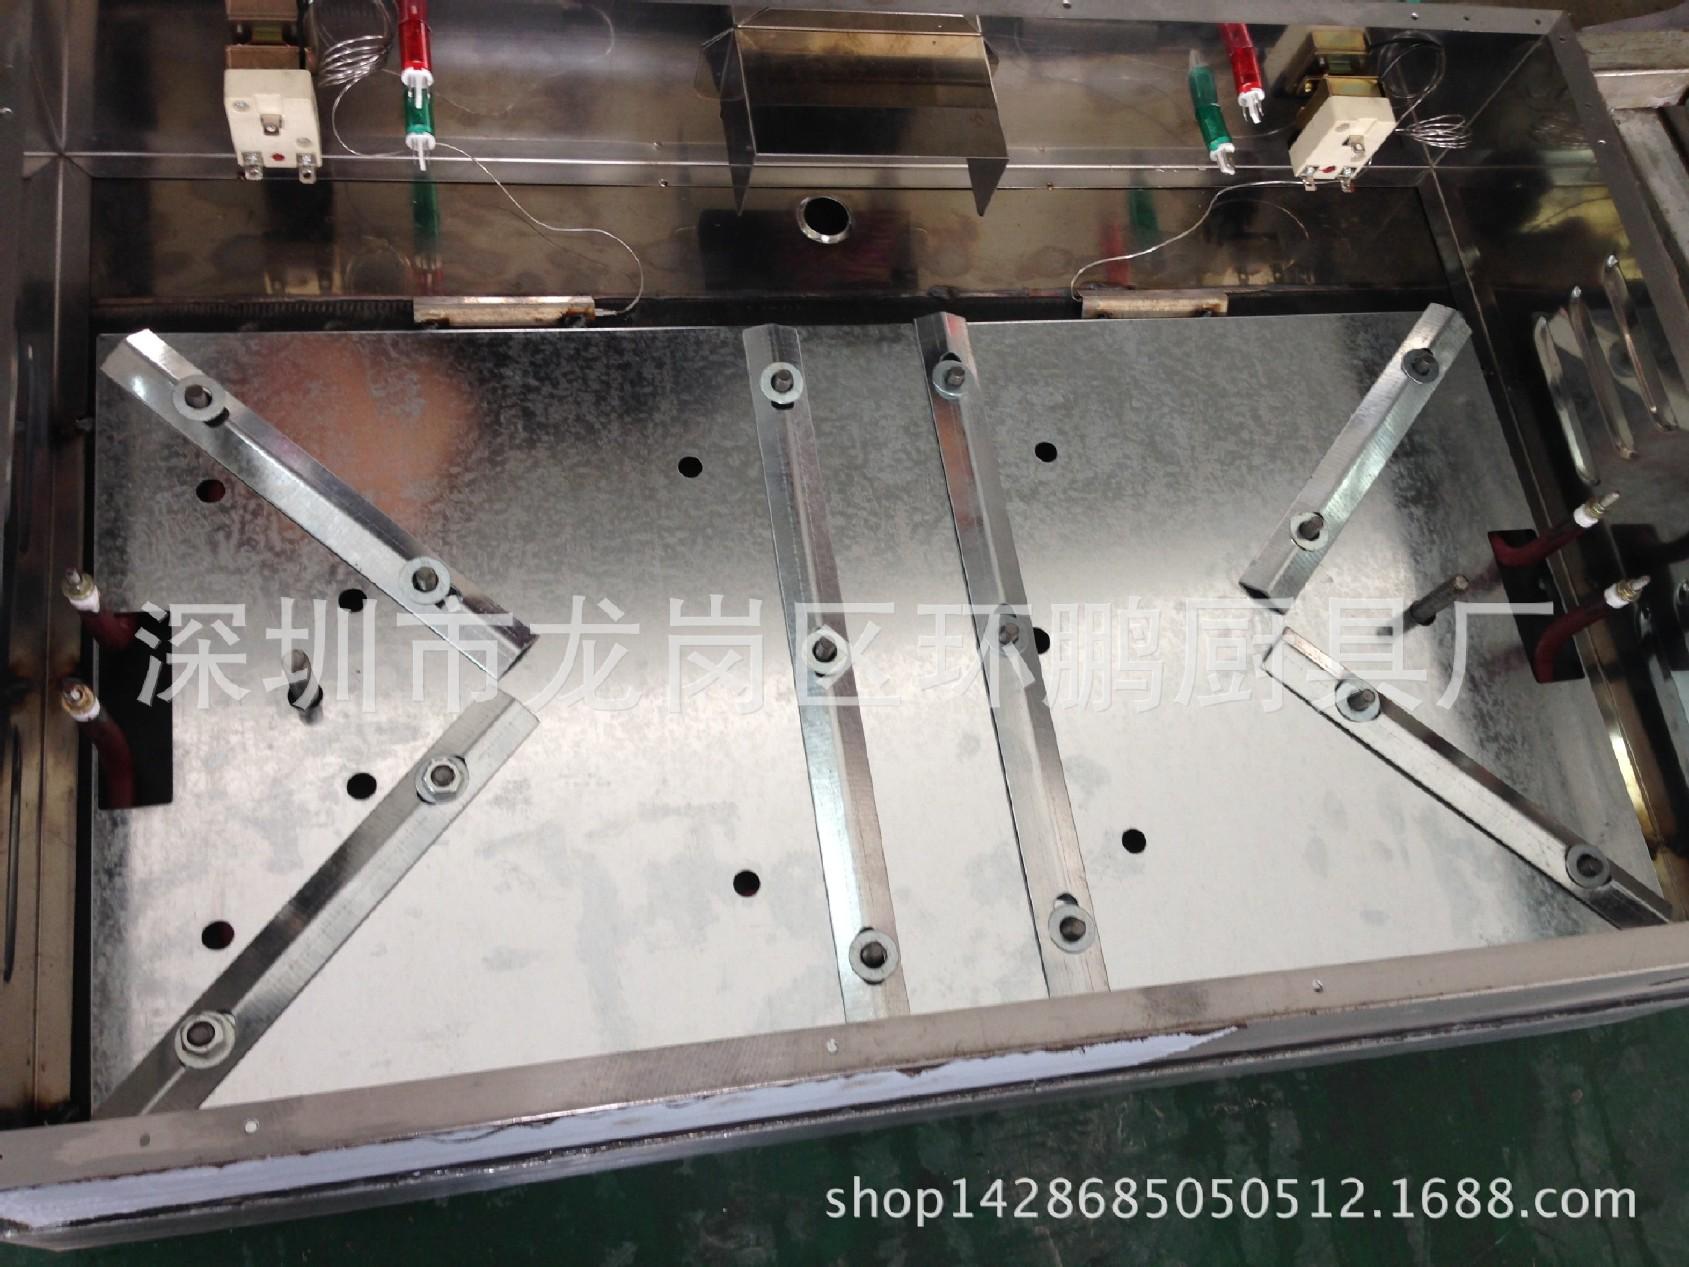 厂家直销不锈钢820电平扒炉煎饼炉加厚扒板双 4.2kw 炊事设备示例图50